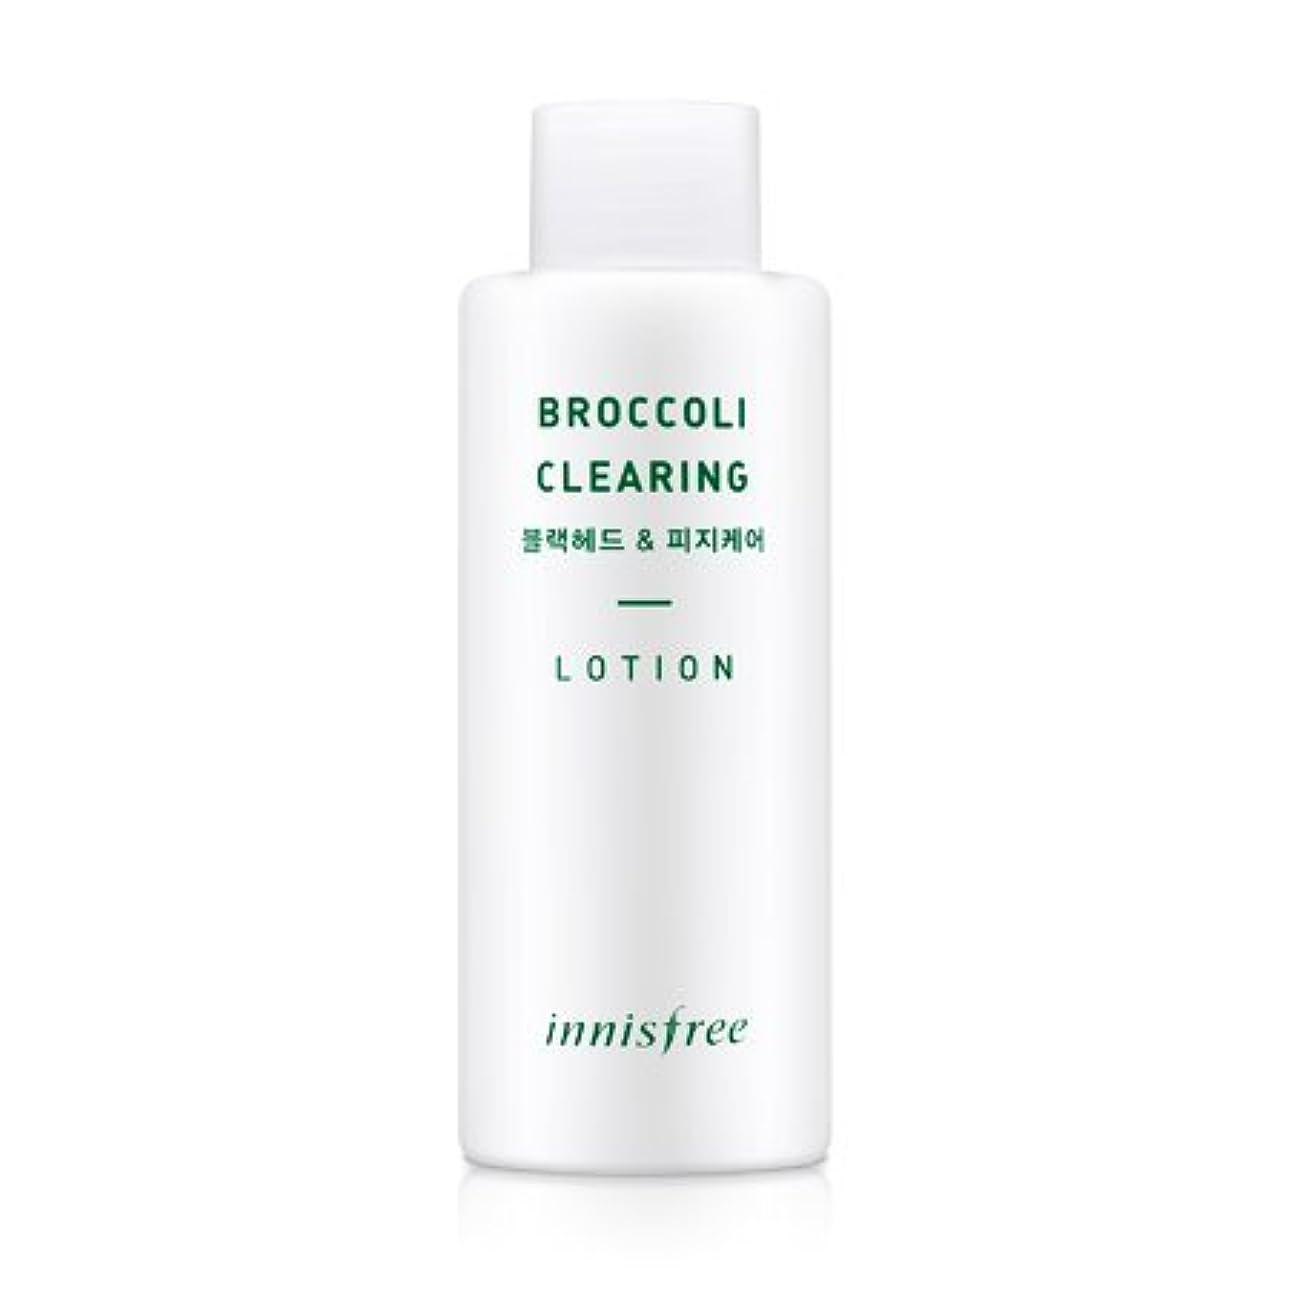 いろいろ常に郵便物[innisfree(イニスフリー)] Super food_ Broccoli clearing lotion (130ml) スーパーフード_ブロッコリー クリアリング?ローション[並行輸入品][海外直送品]